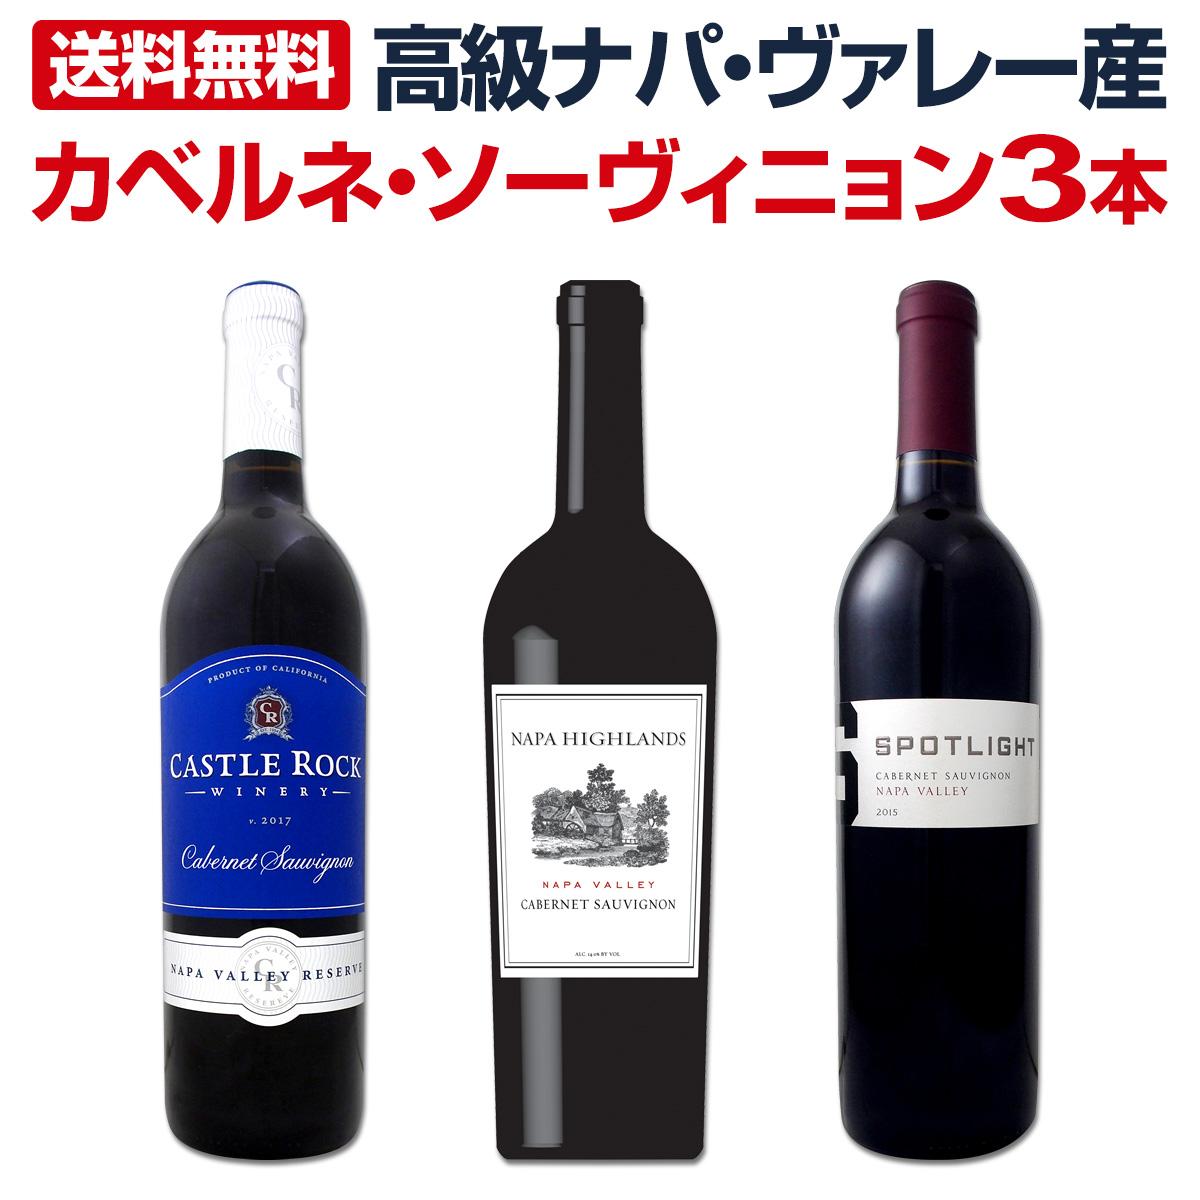 高級ナパ産ワイン3本セット! 【送料無料】高級ナパ・ヴァレー産カベルネ・ソーヴィニョン3本セット!